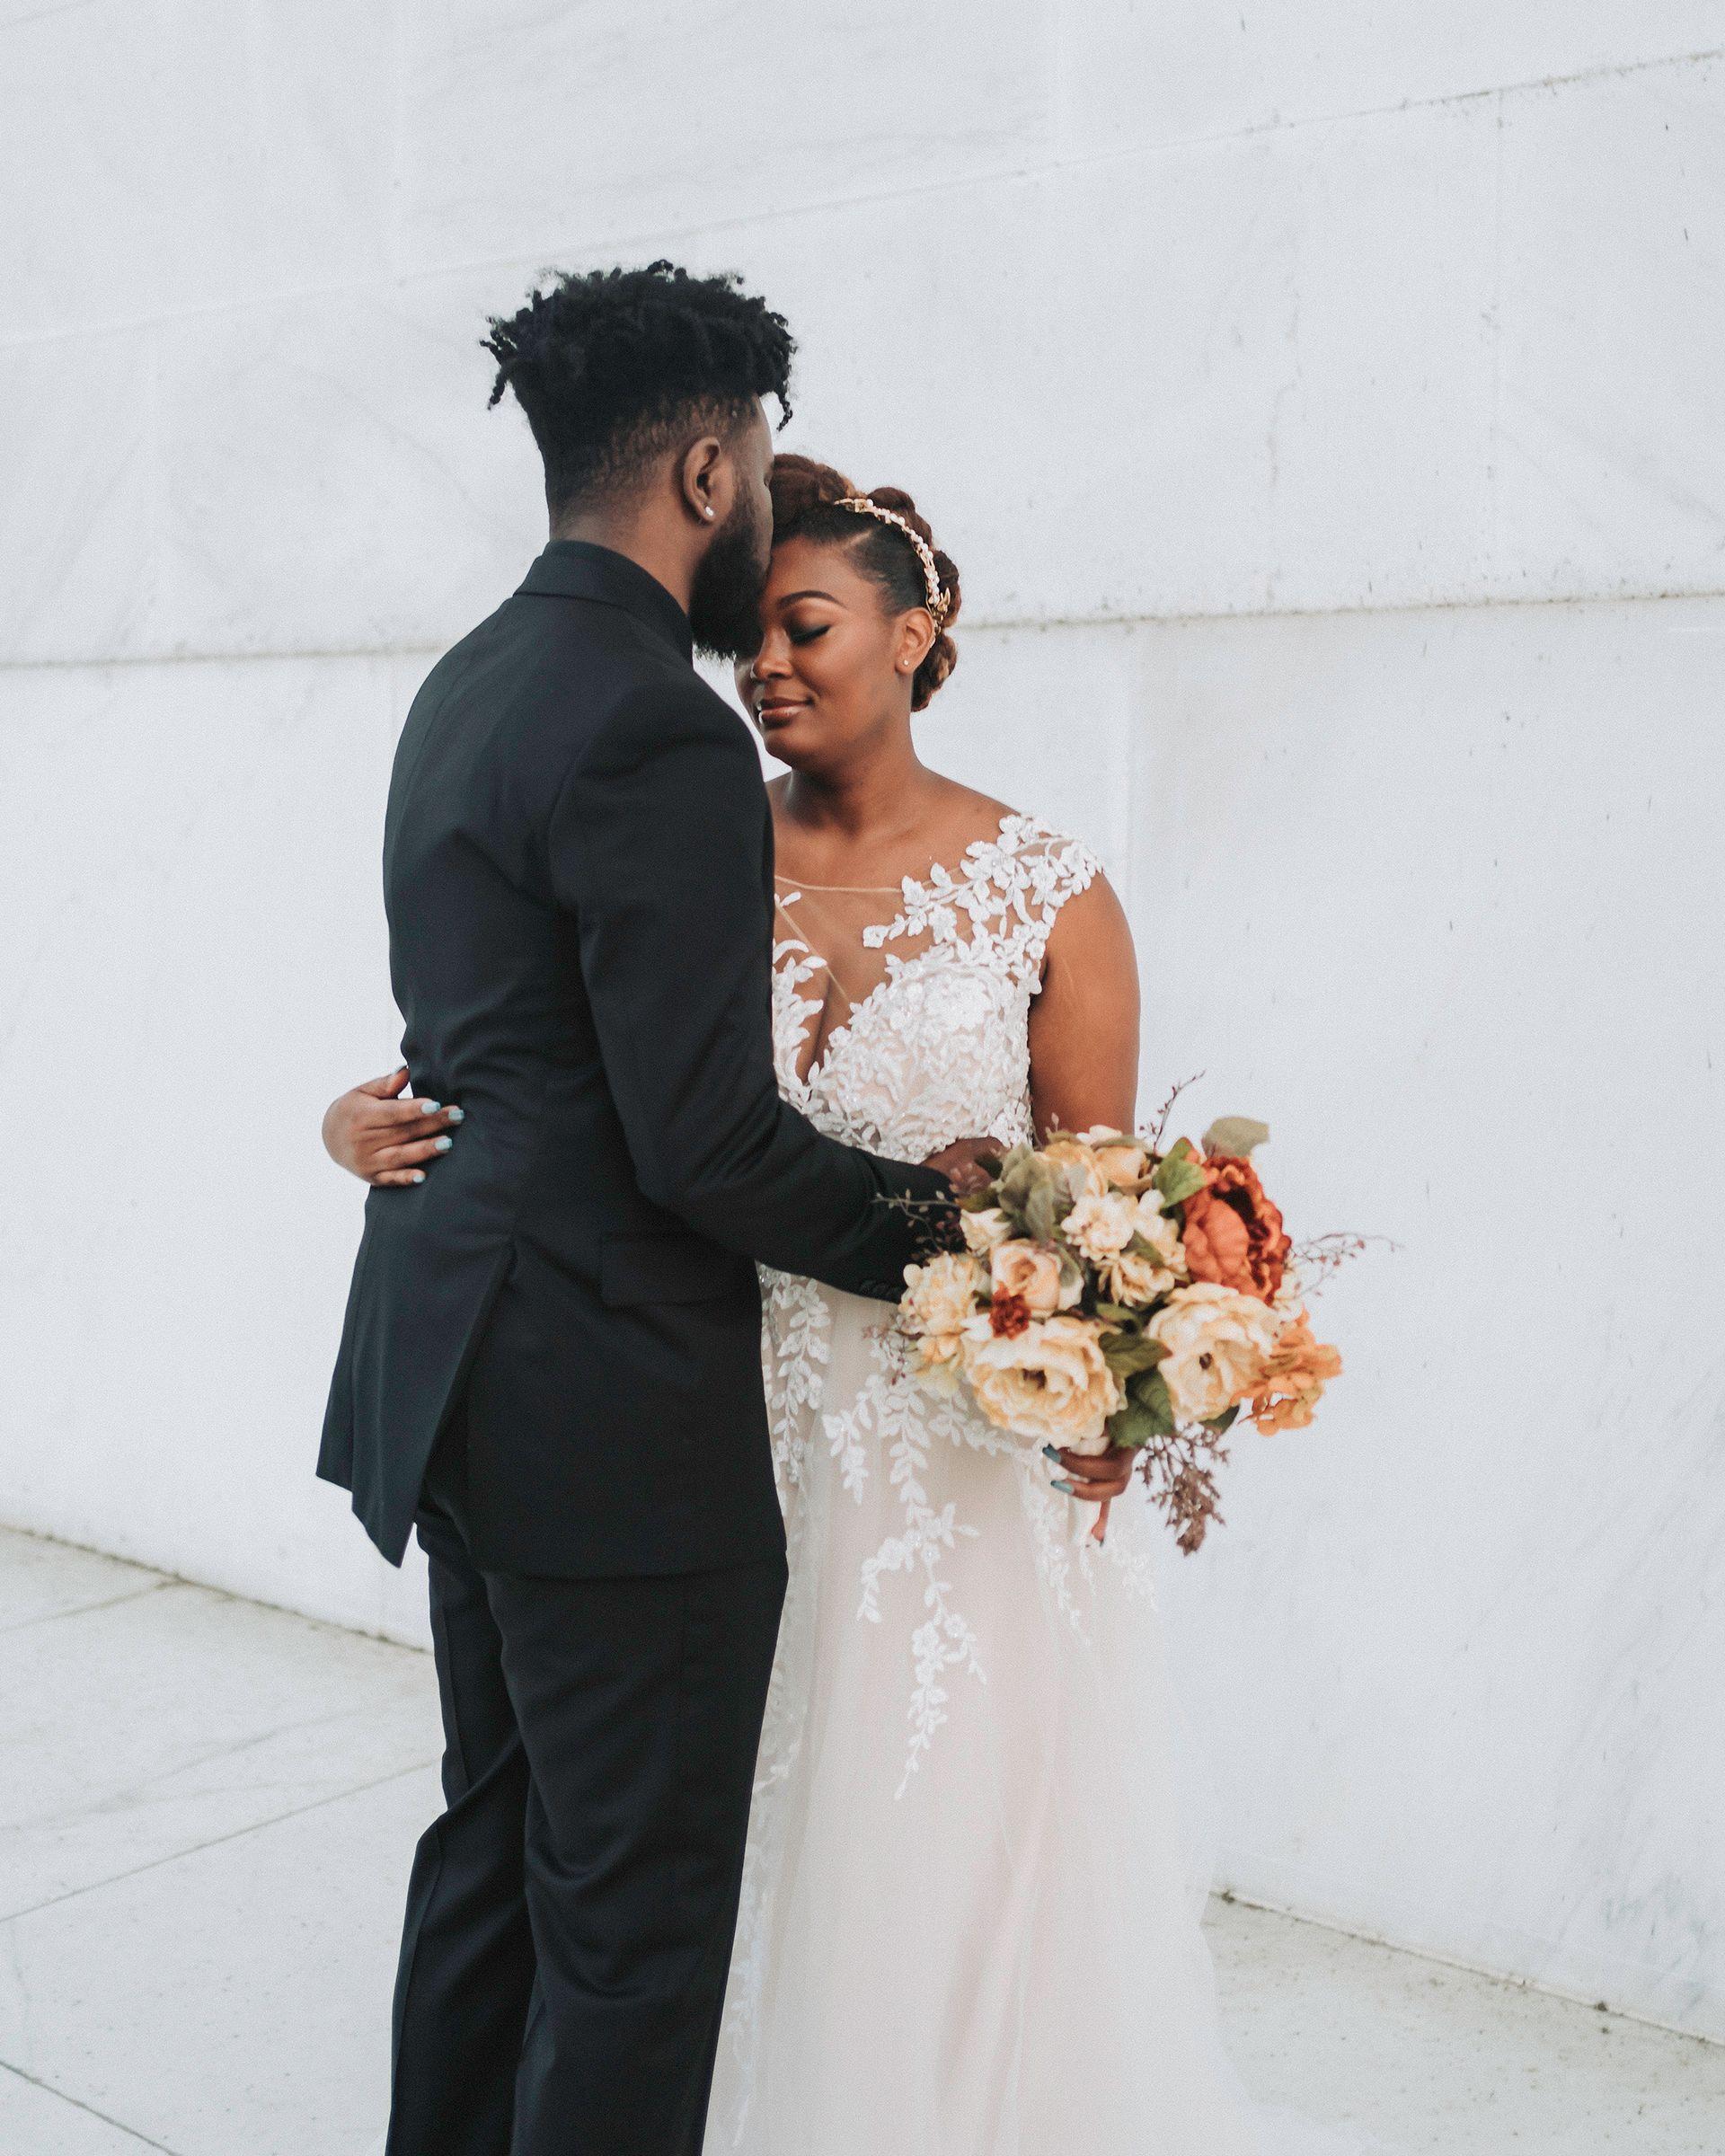 DominiqueRichardson_WashingtonDC_Wedding_09162020_138